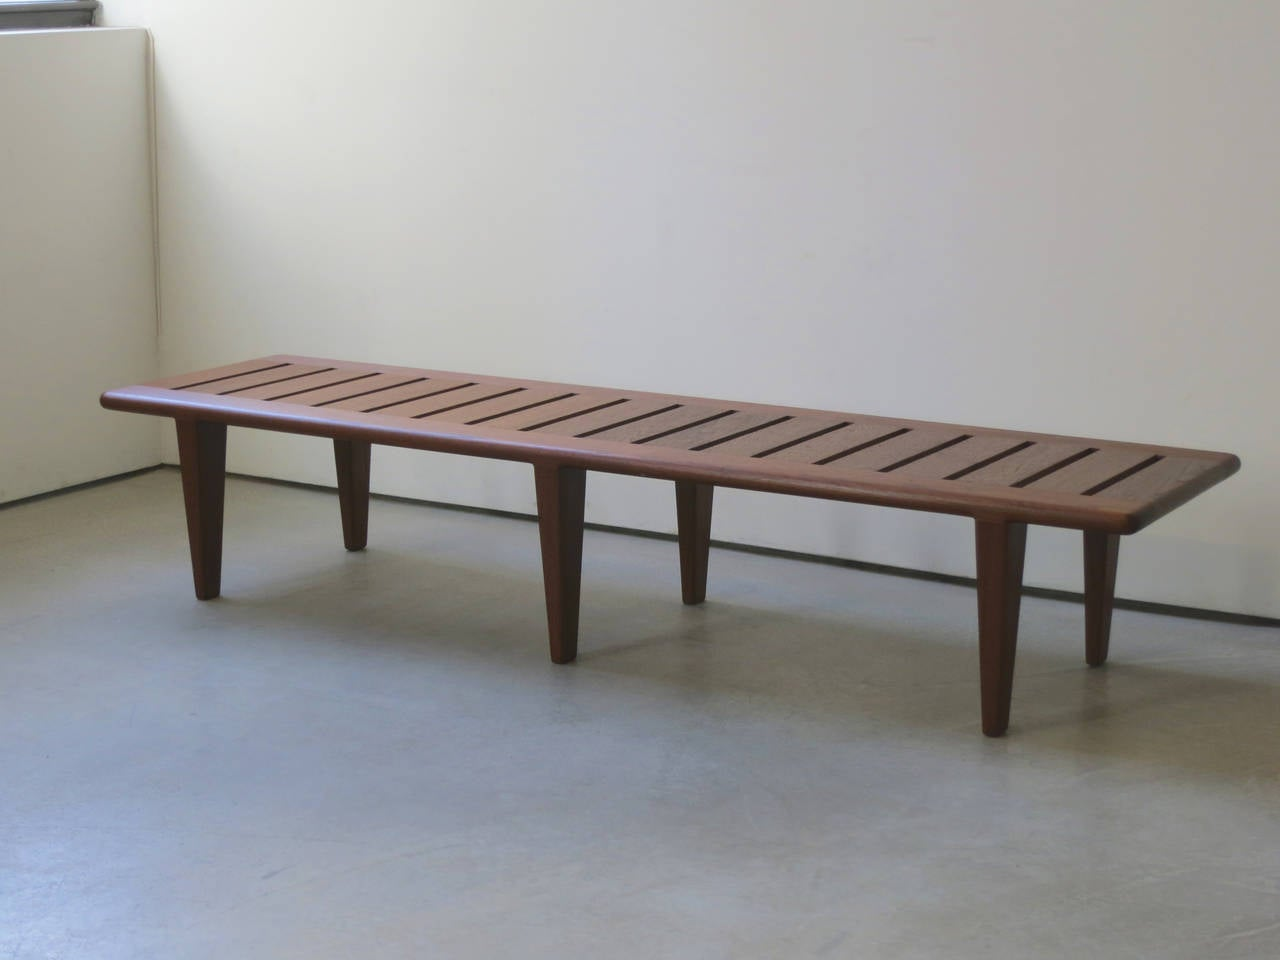 slatted teak bench by hans wegner 2 - Teak Bench